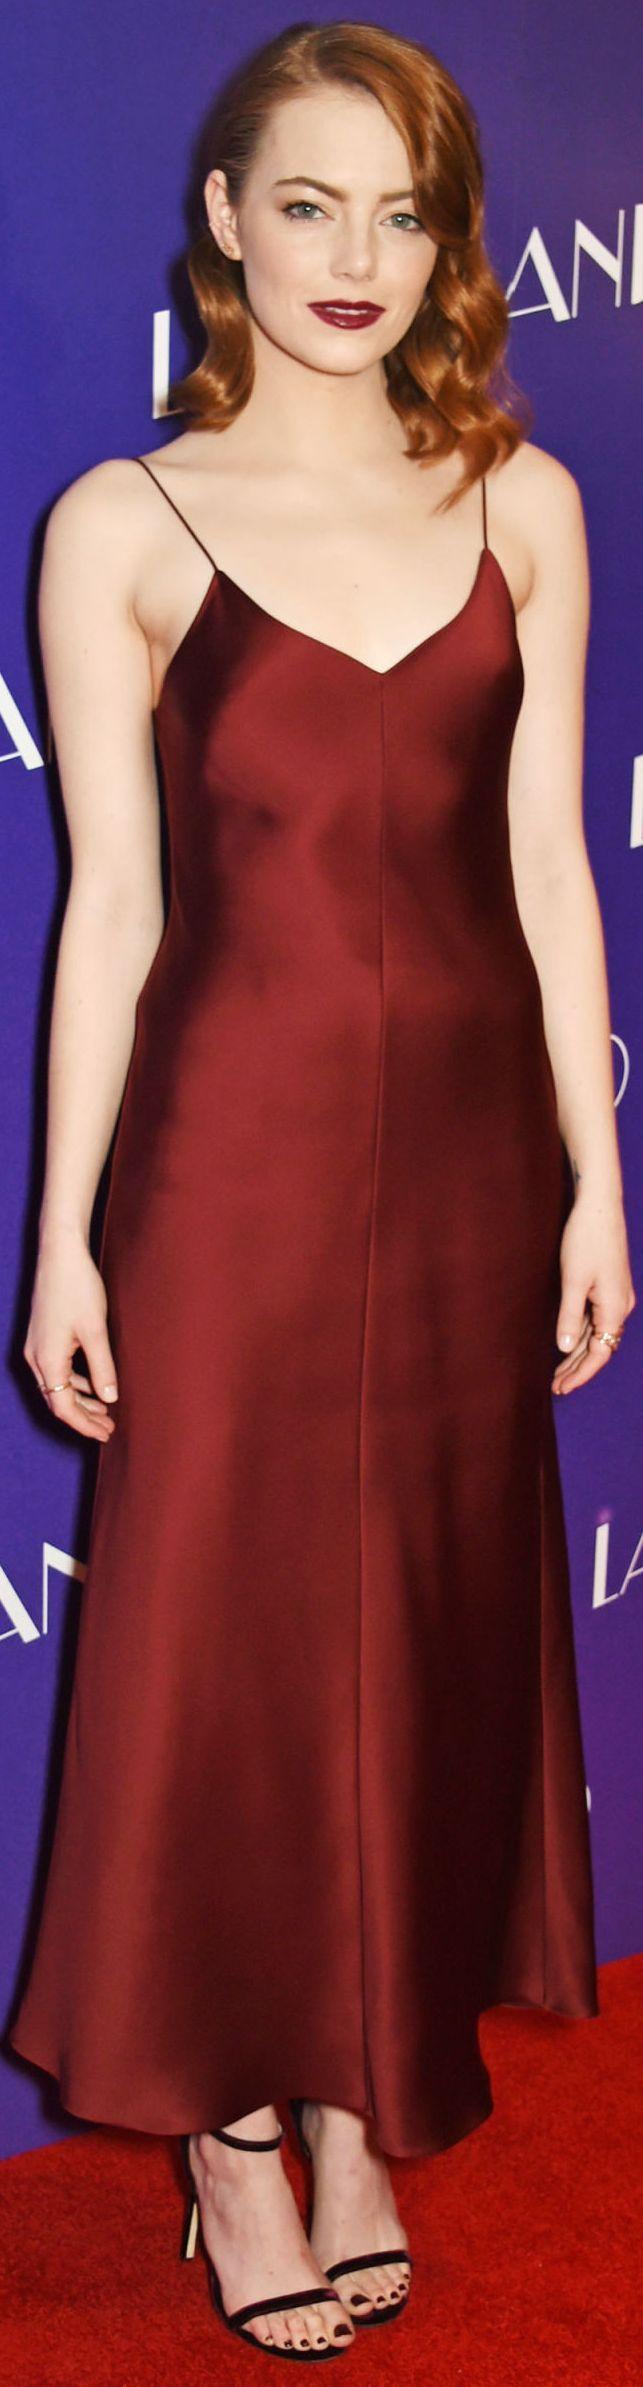 burgundy-dress-slip-burgundy-shoe-sandalh-emmastone-fall-winter-hairr-dinner.jpg